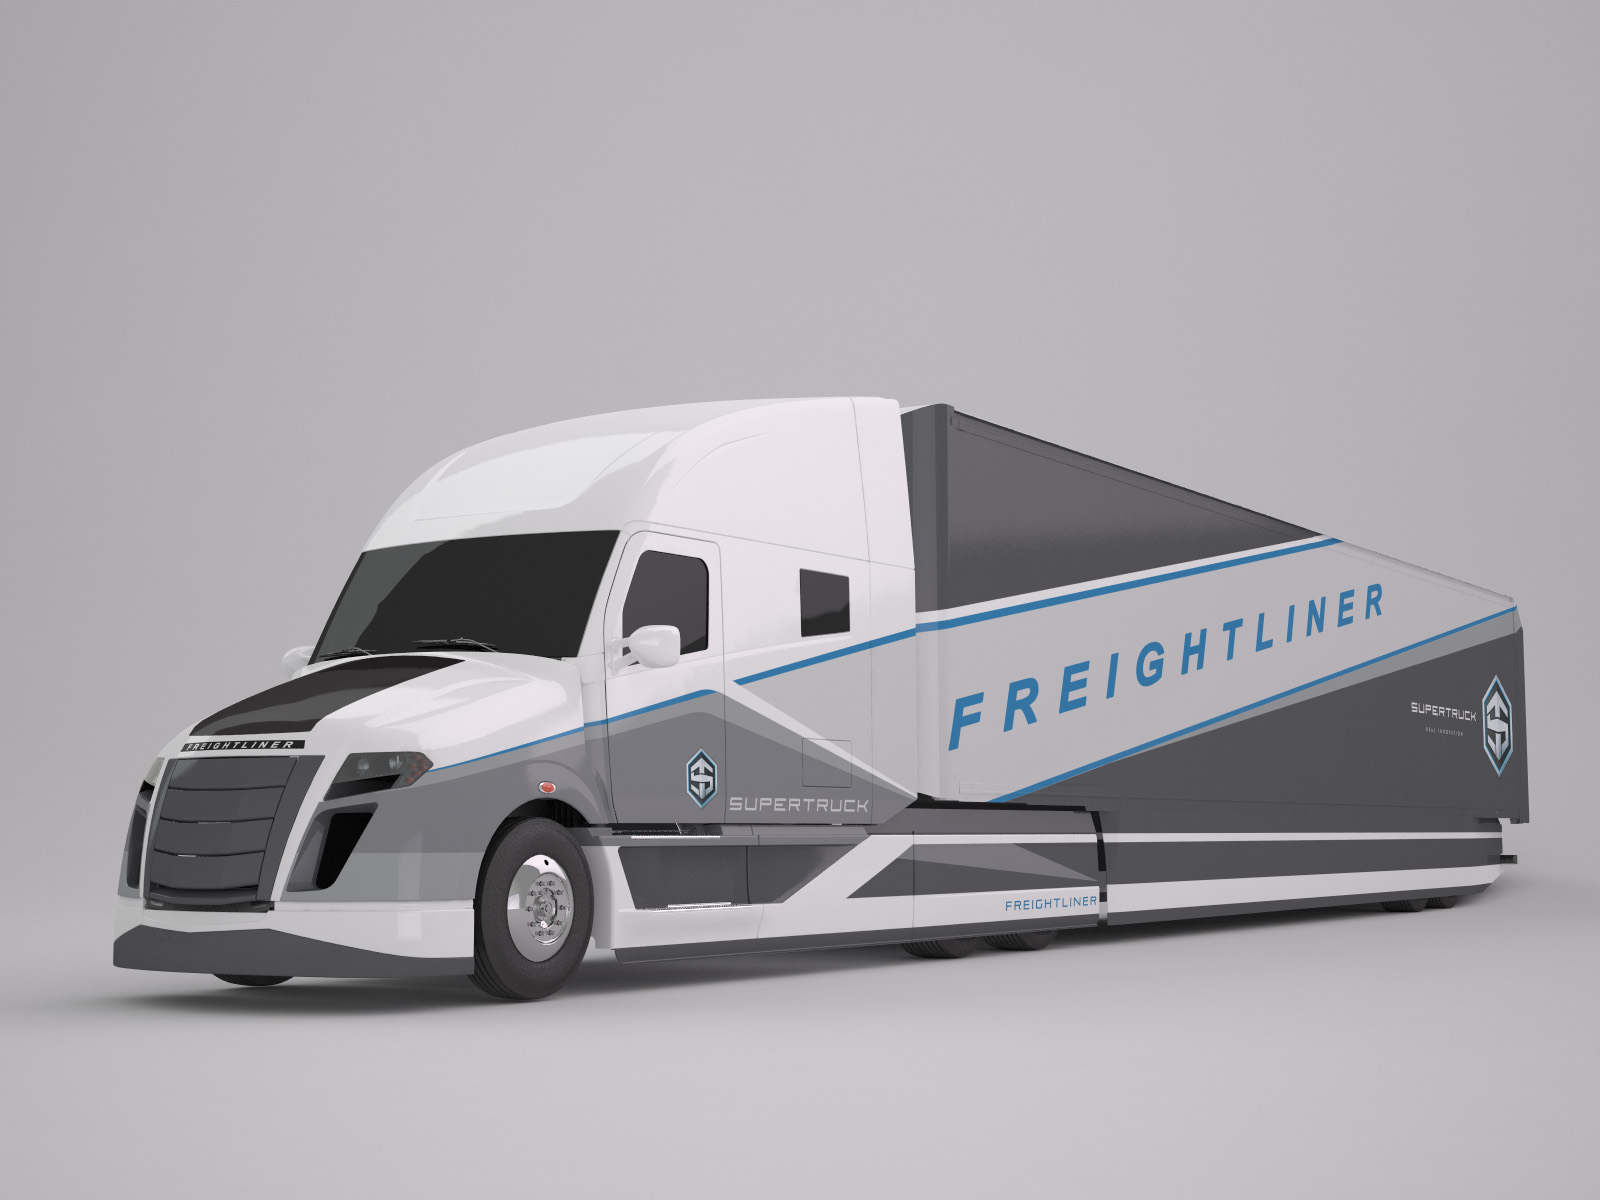 13b5a7d5177fcb Freightliner Supertruck - Sketchbook Inc.